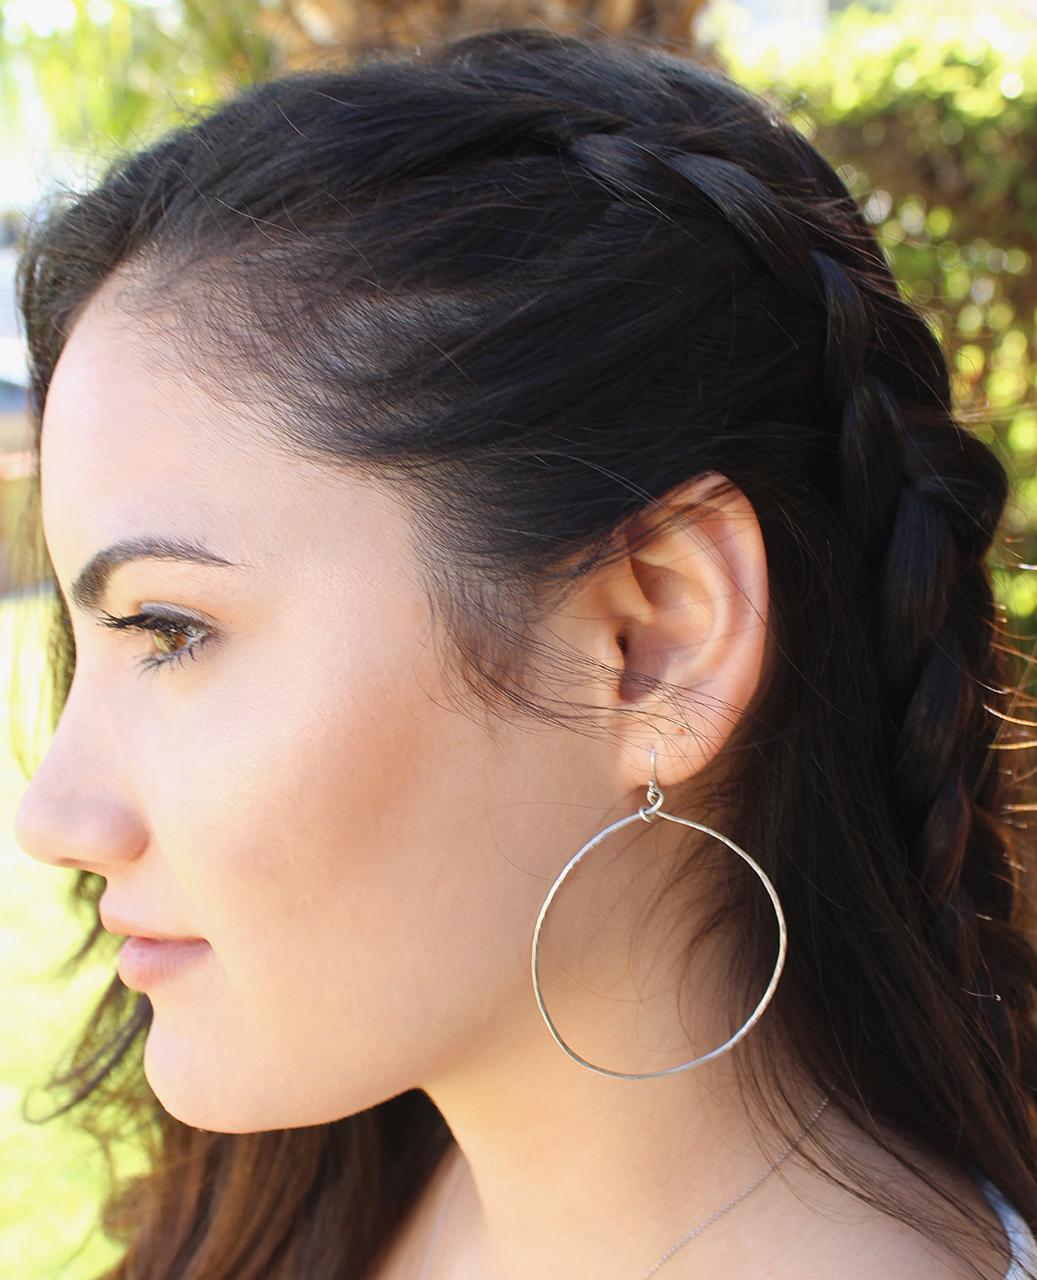 big sterling hoop earring on female profile